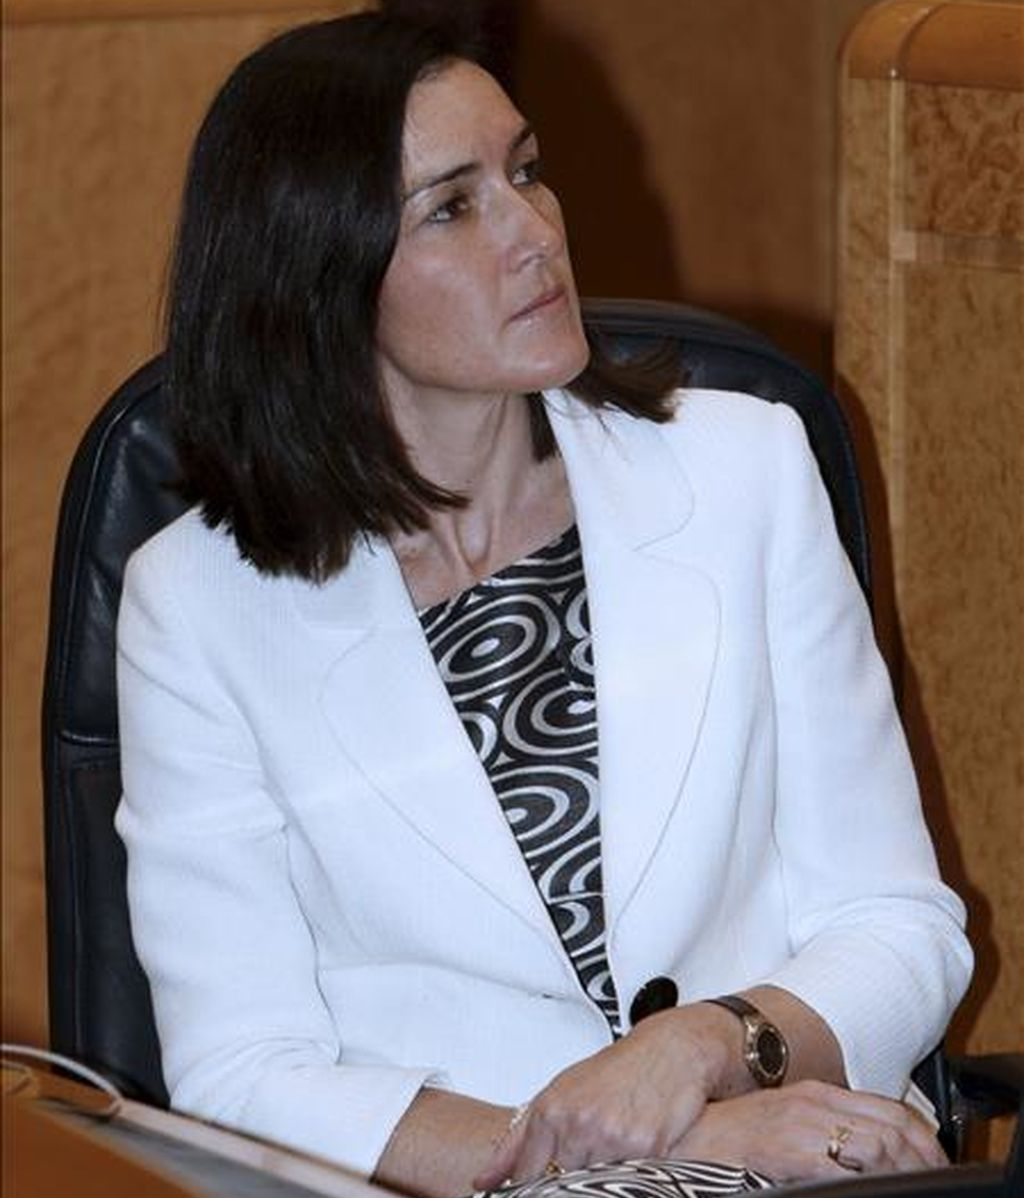 La ministra de Cultura, Ángeles González-Sinde, durante la sesión de control al Gobierno que se ha celebrado hoy en el Senado. EFE